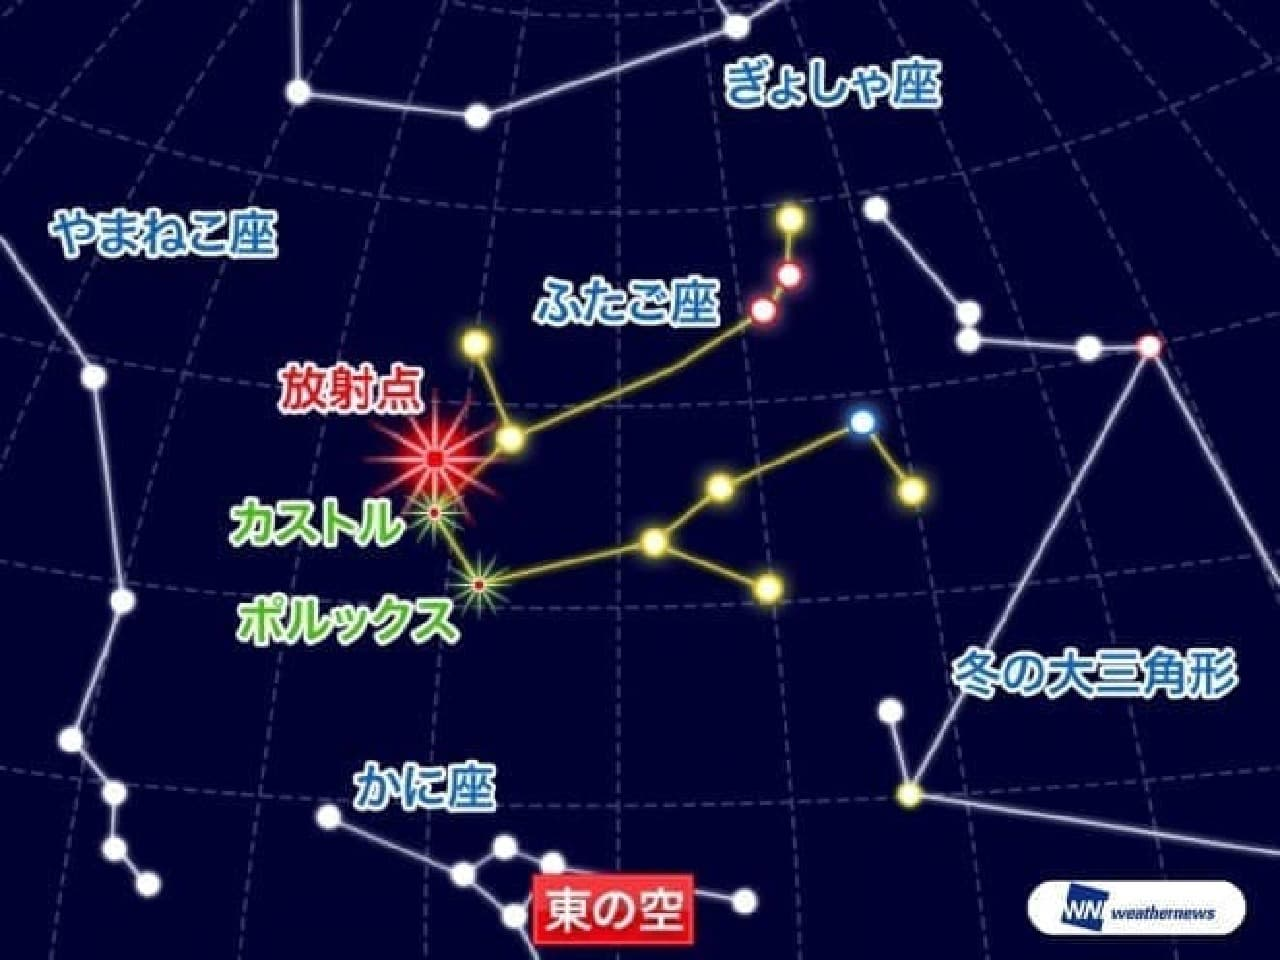 明日は「ふたご座流星群」-ウェザーニューズが最新の天気傾向を発表